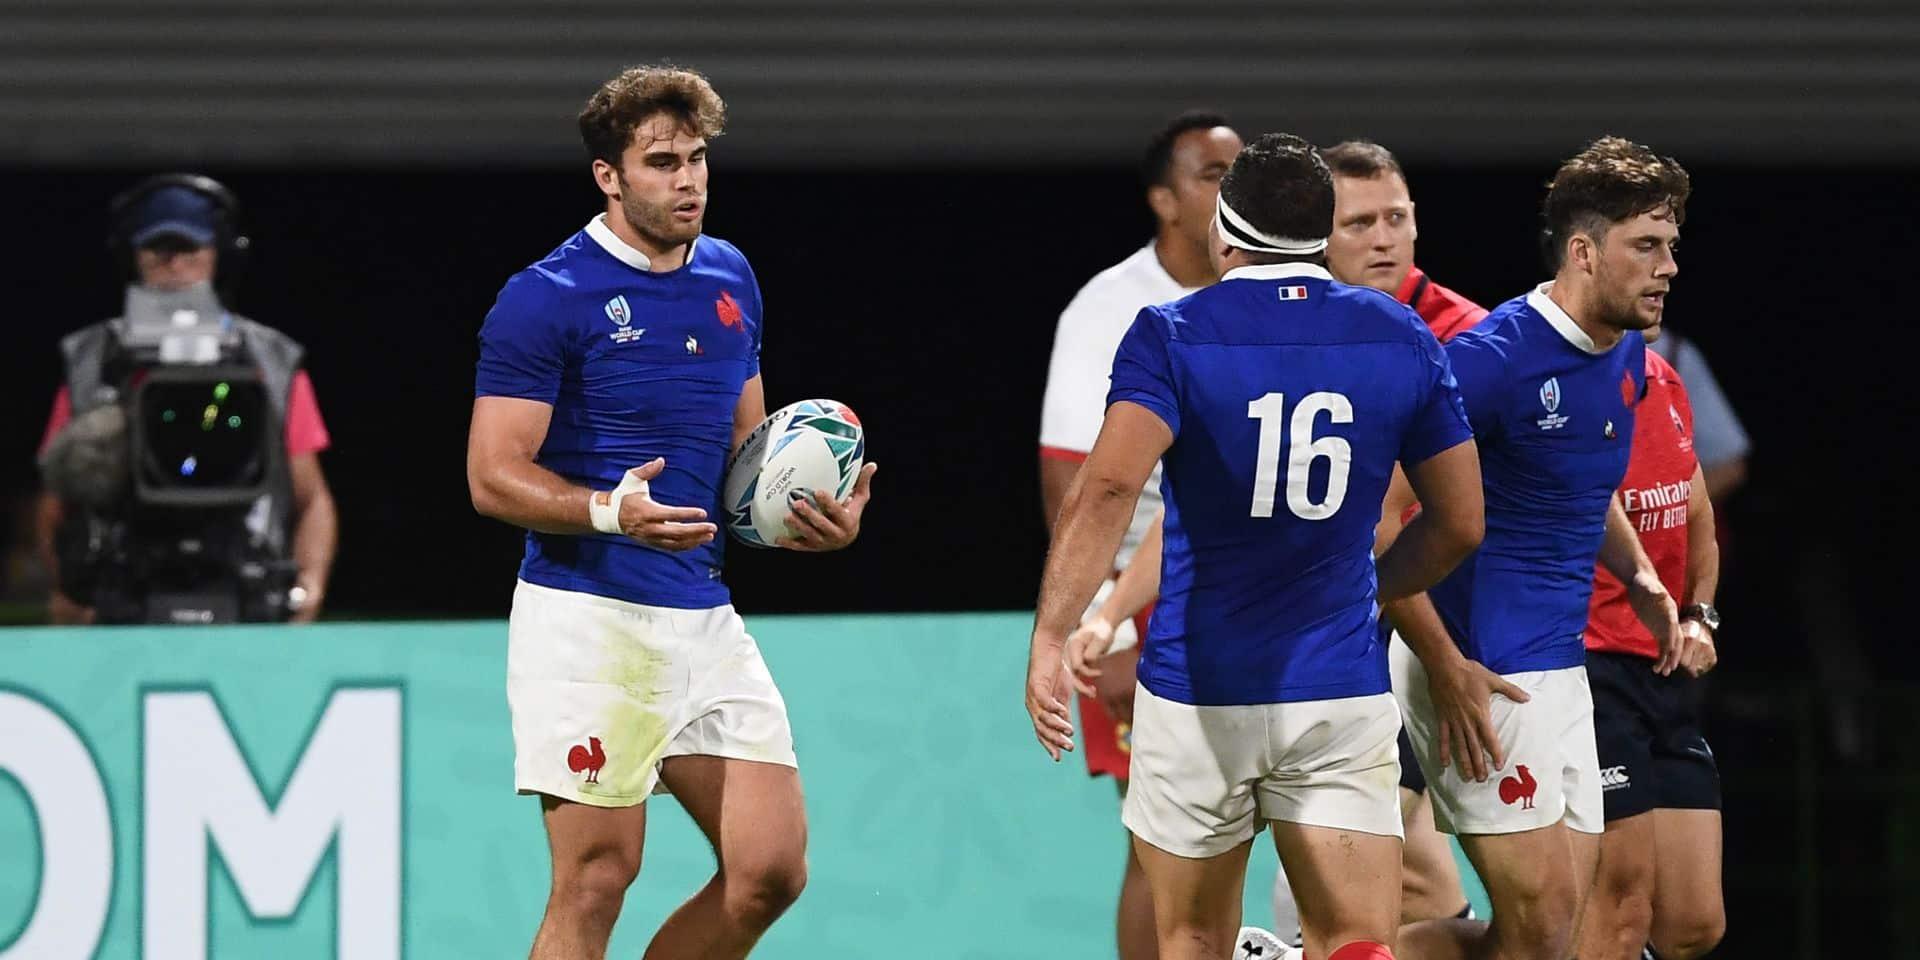 Le XV de France bat les Tonga et va en quarts de finale